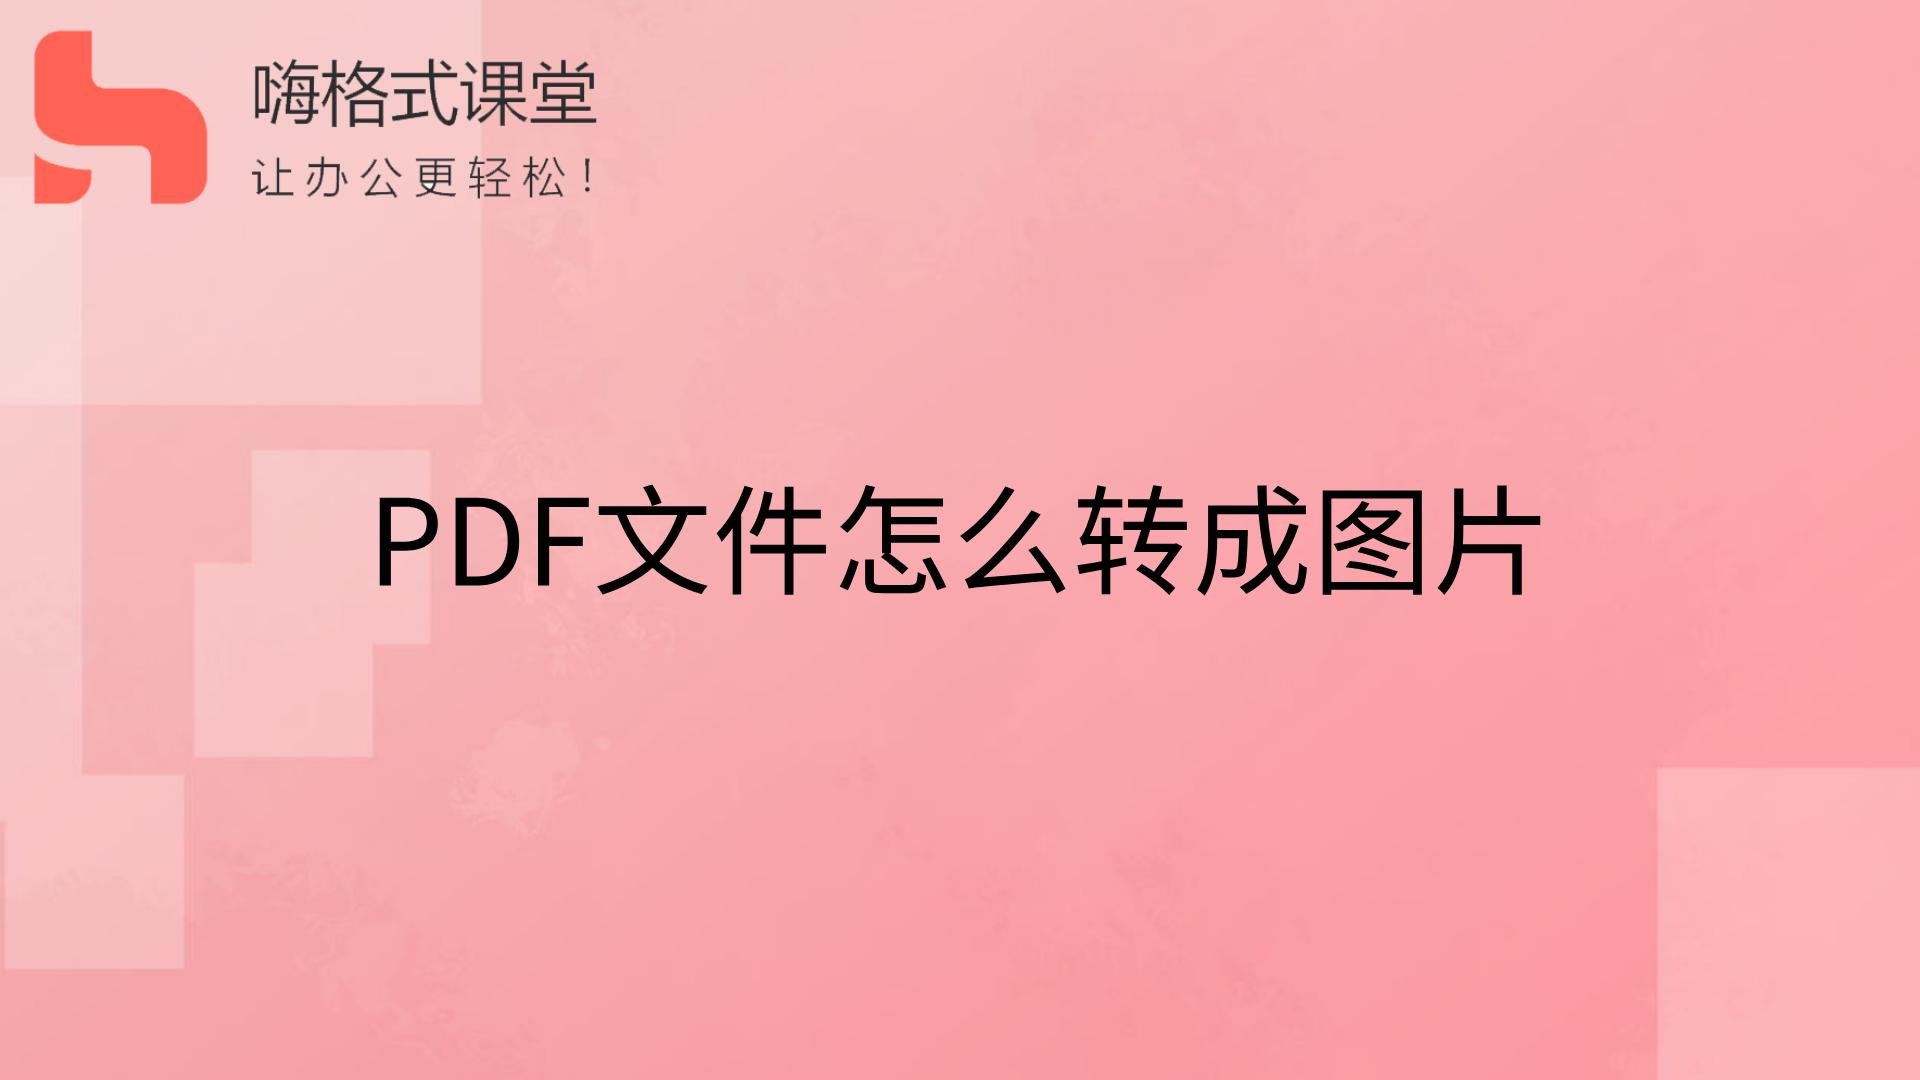 PDF文件怎么转成图片s